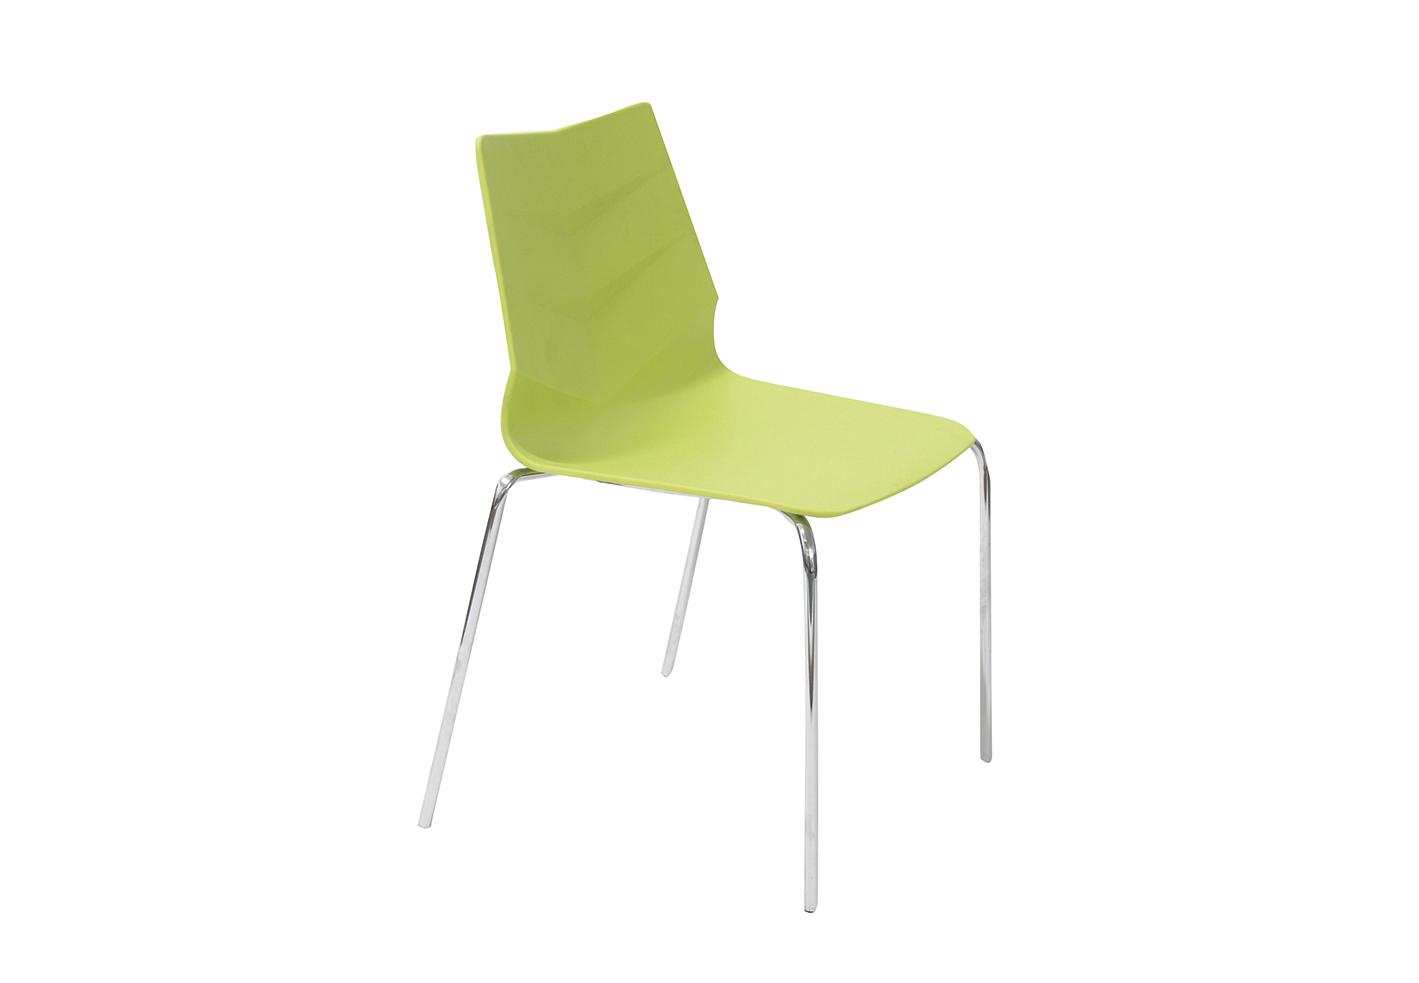 Стул LEAF-01 лаймОбеденные стулья<br><br><br>Material: Пластик<br>Width см: 57<br>Depth см: 52<br>Height см: 83